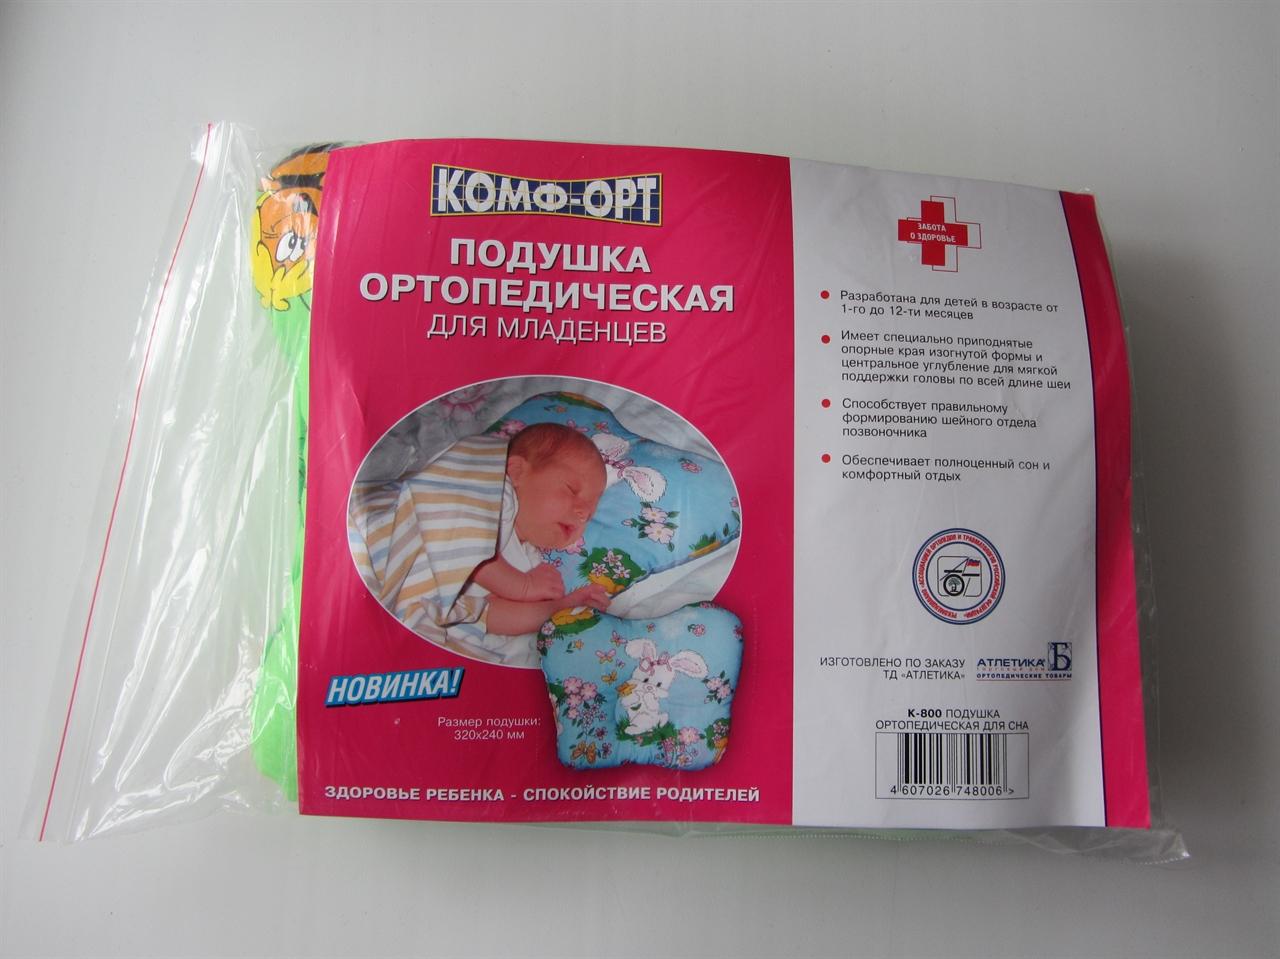 Медицинская одежда - спецодежда для медиков в москве